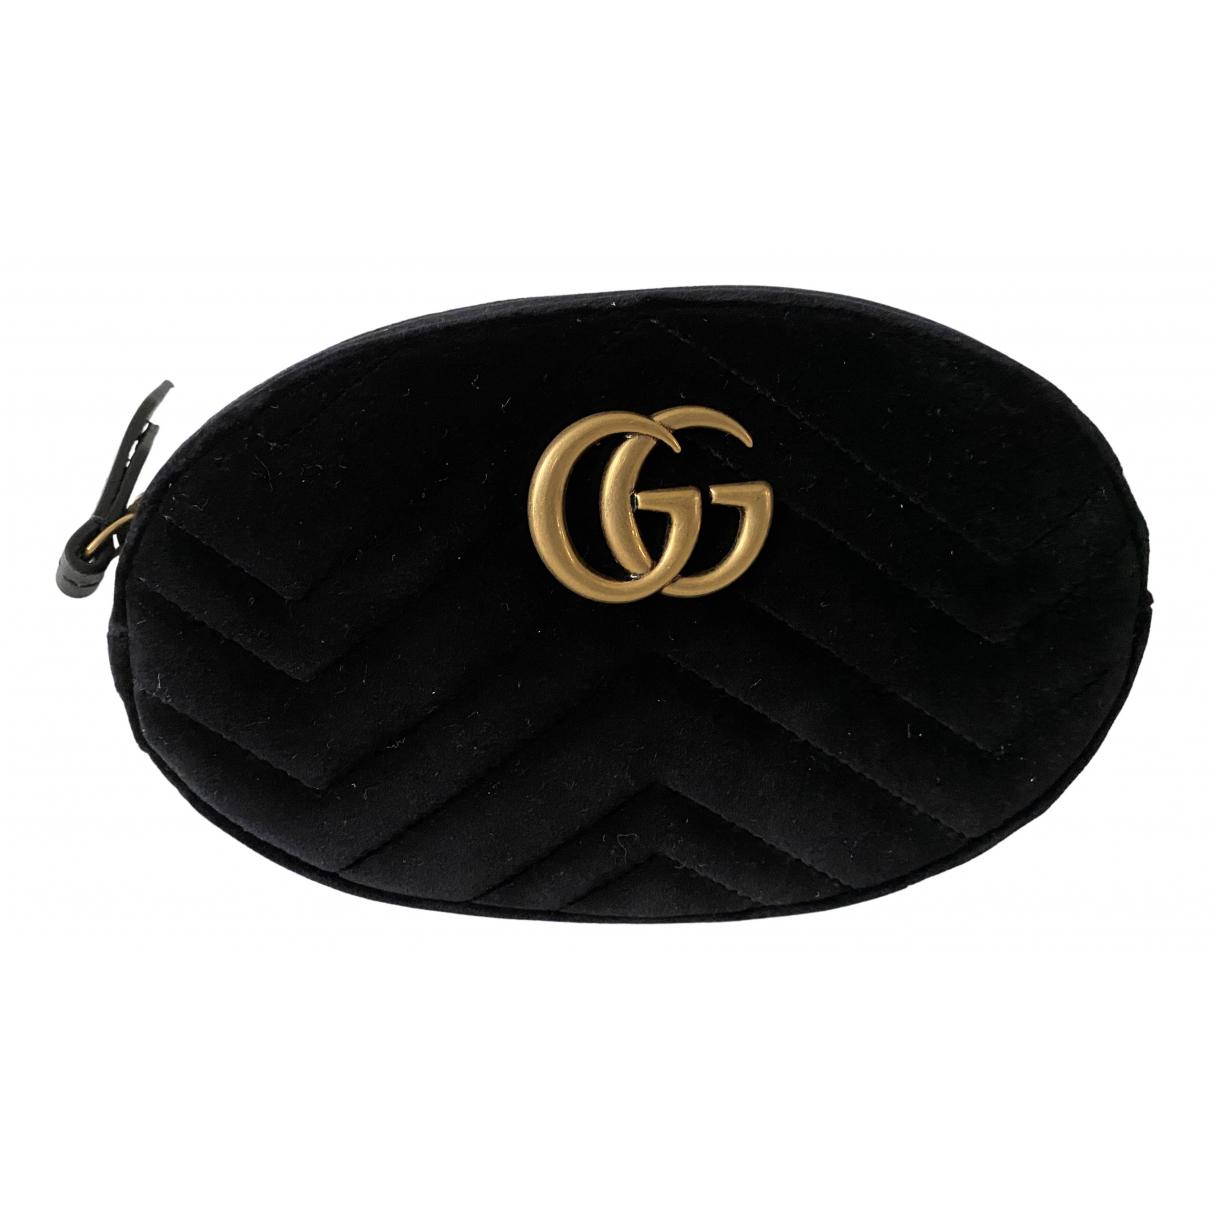 Gucci Marmont Black Velvet handbag for Women N